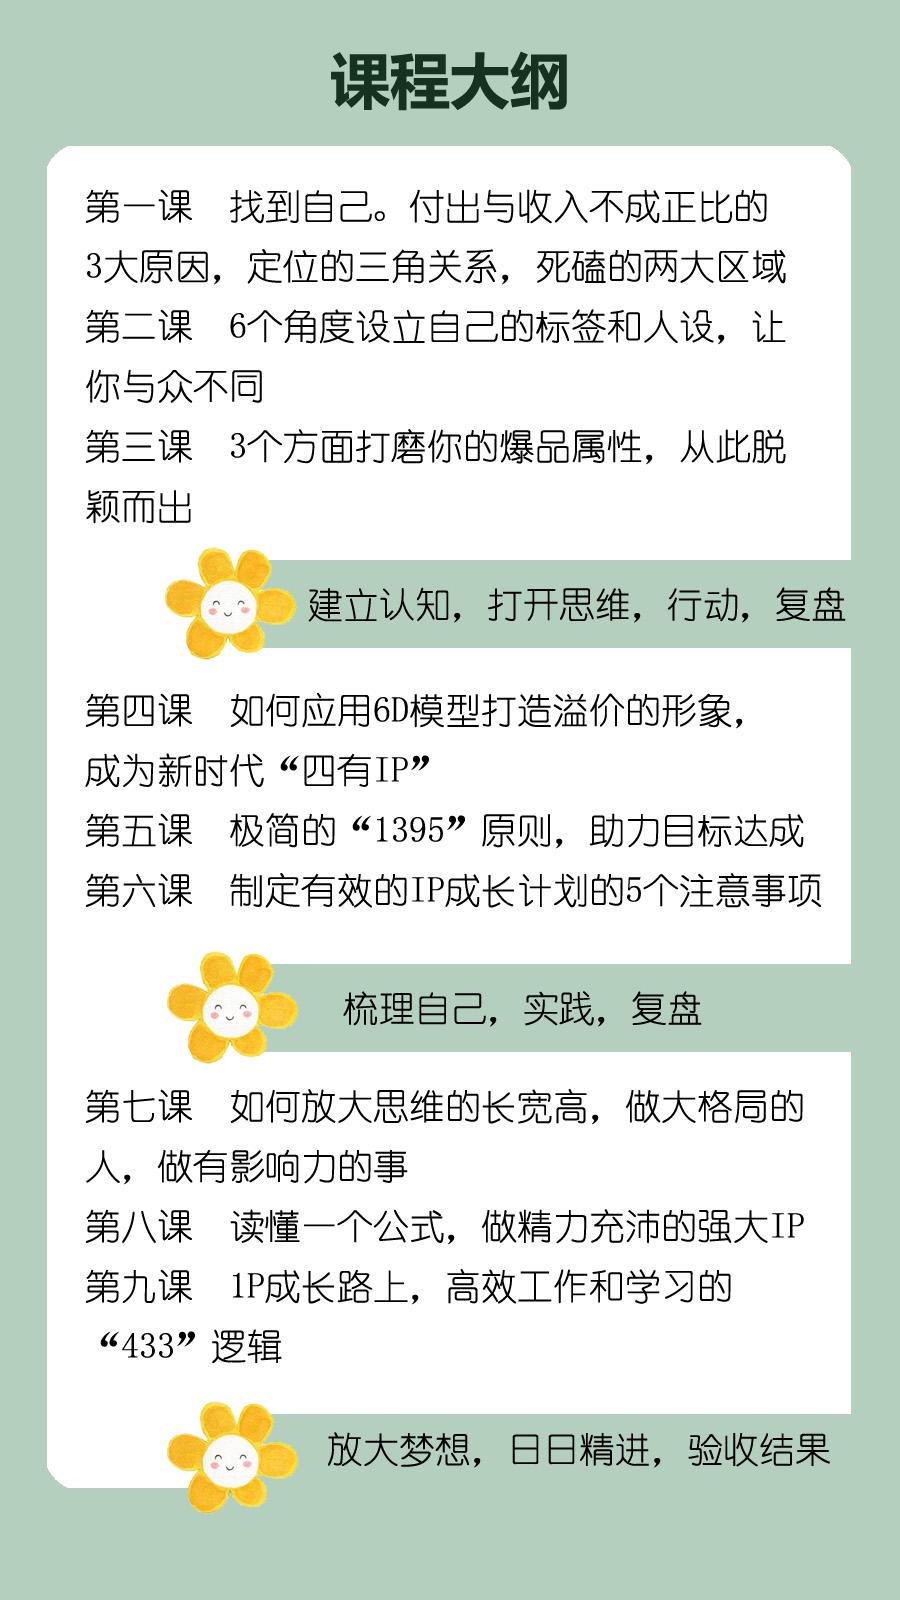 小鹅通直播详情(成长)2 copy.jpg